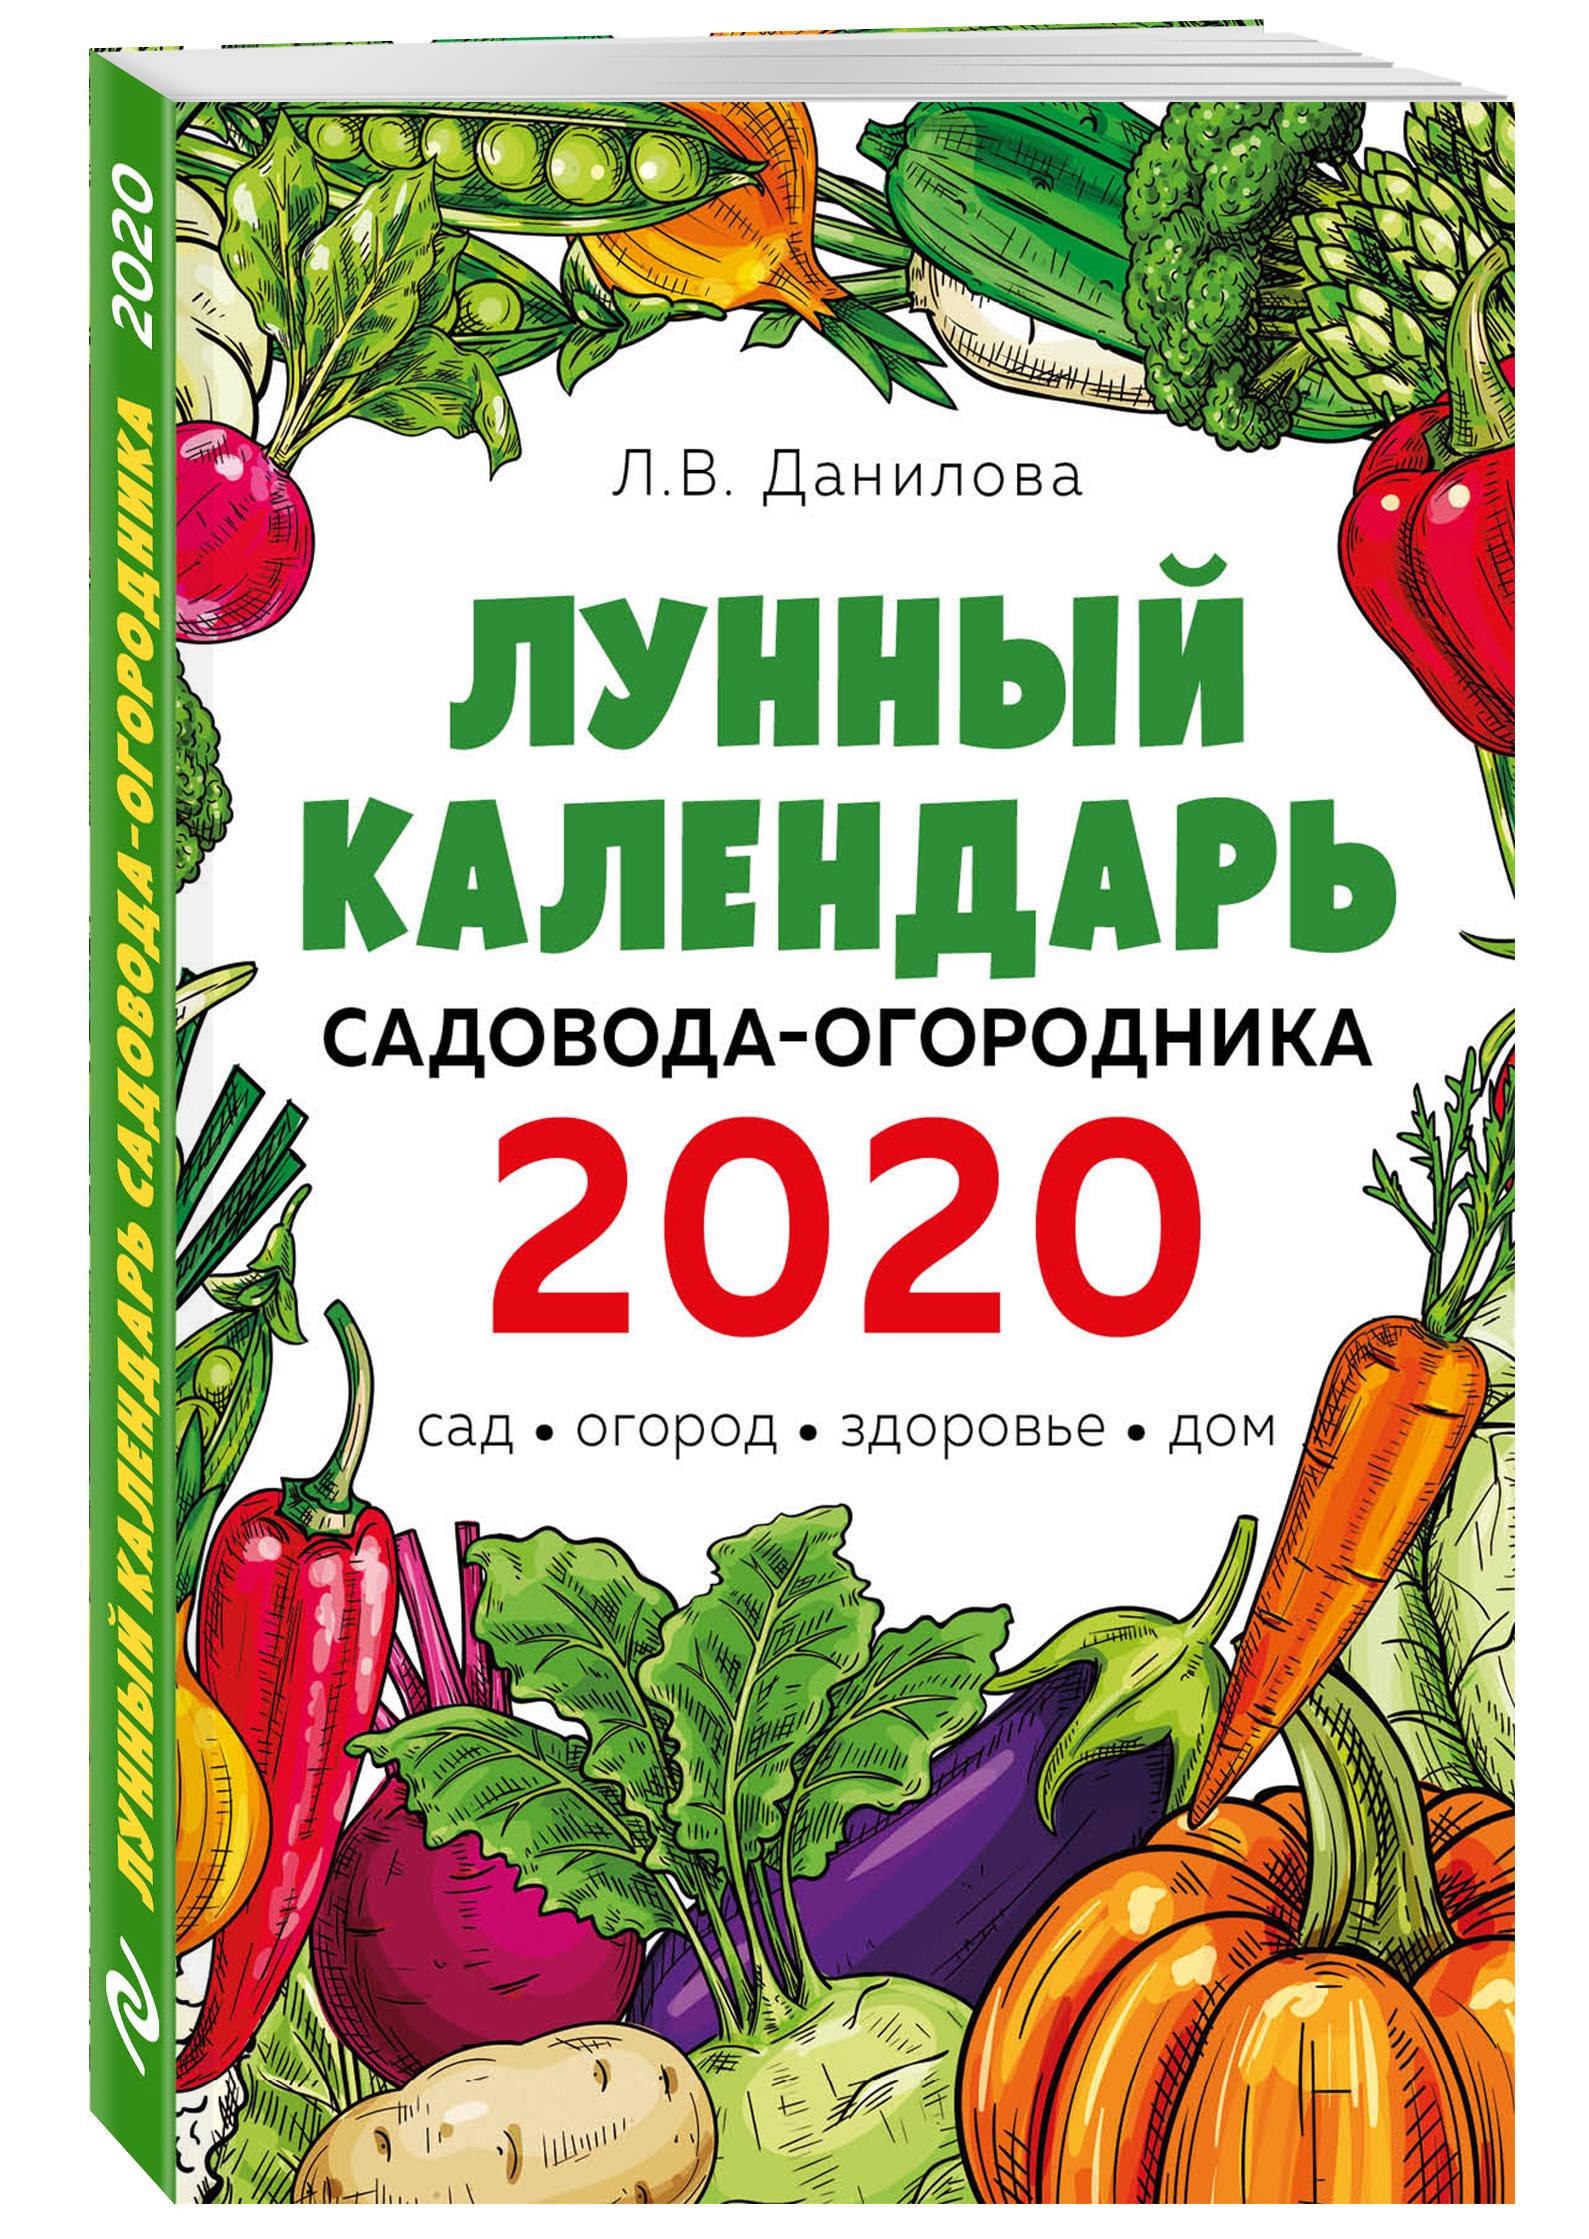 Лунный календарь садовода-огородника 2020. Сад, огород, здоровье, дом